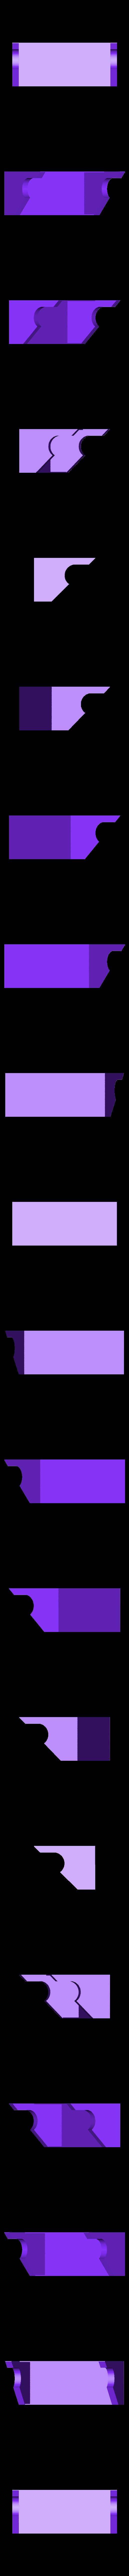 chiappa_rack_v2.stl Télécharger fichier SCAD gratuit Pistolet à air comprimé et porte-épée avec étagère • Objet pour impression 3D, terraprint